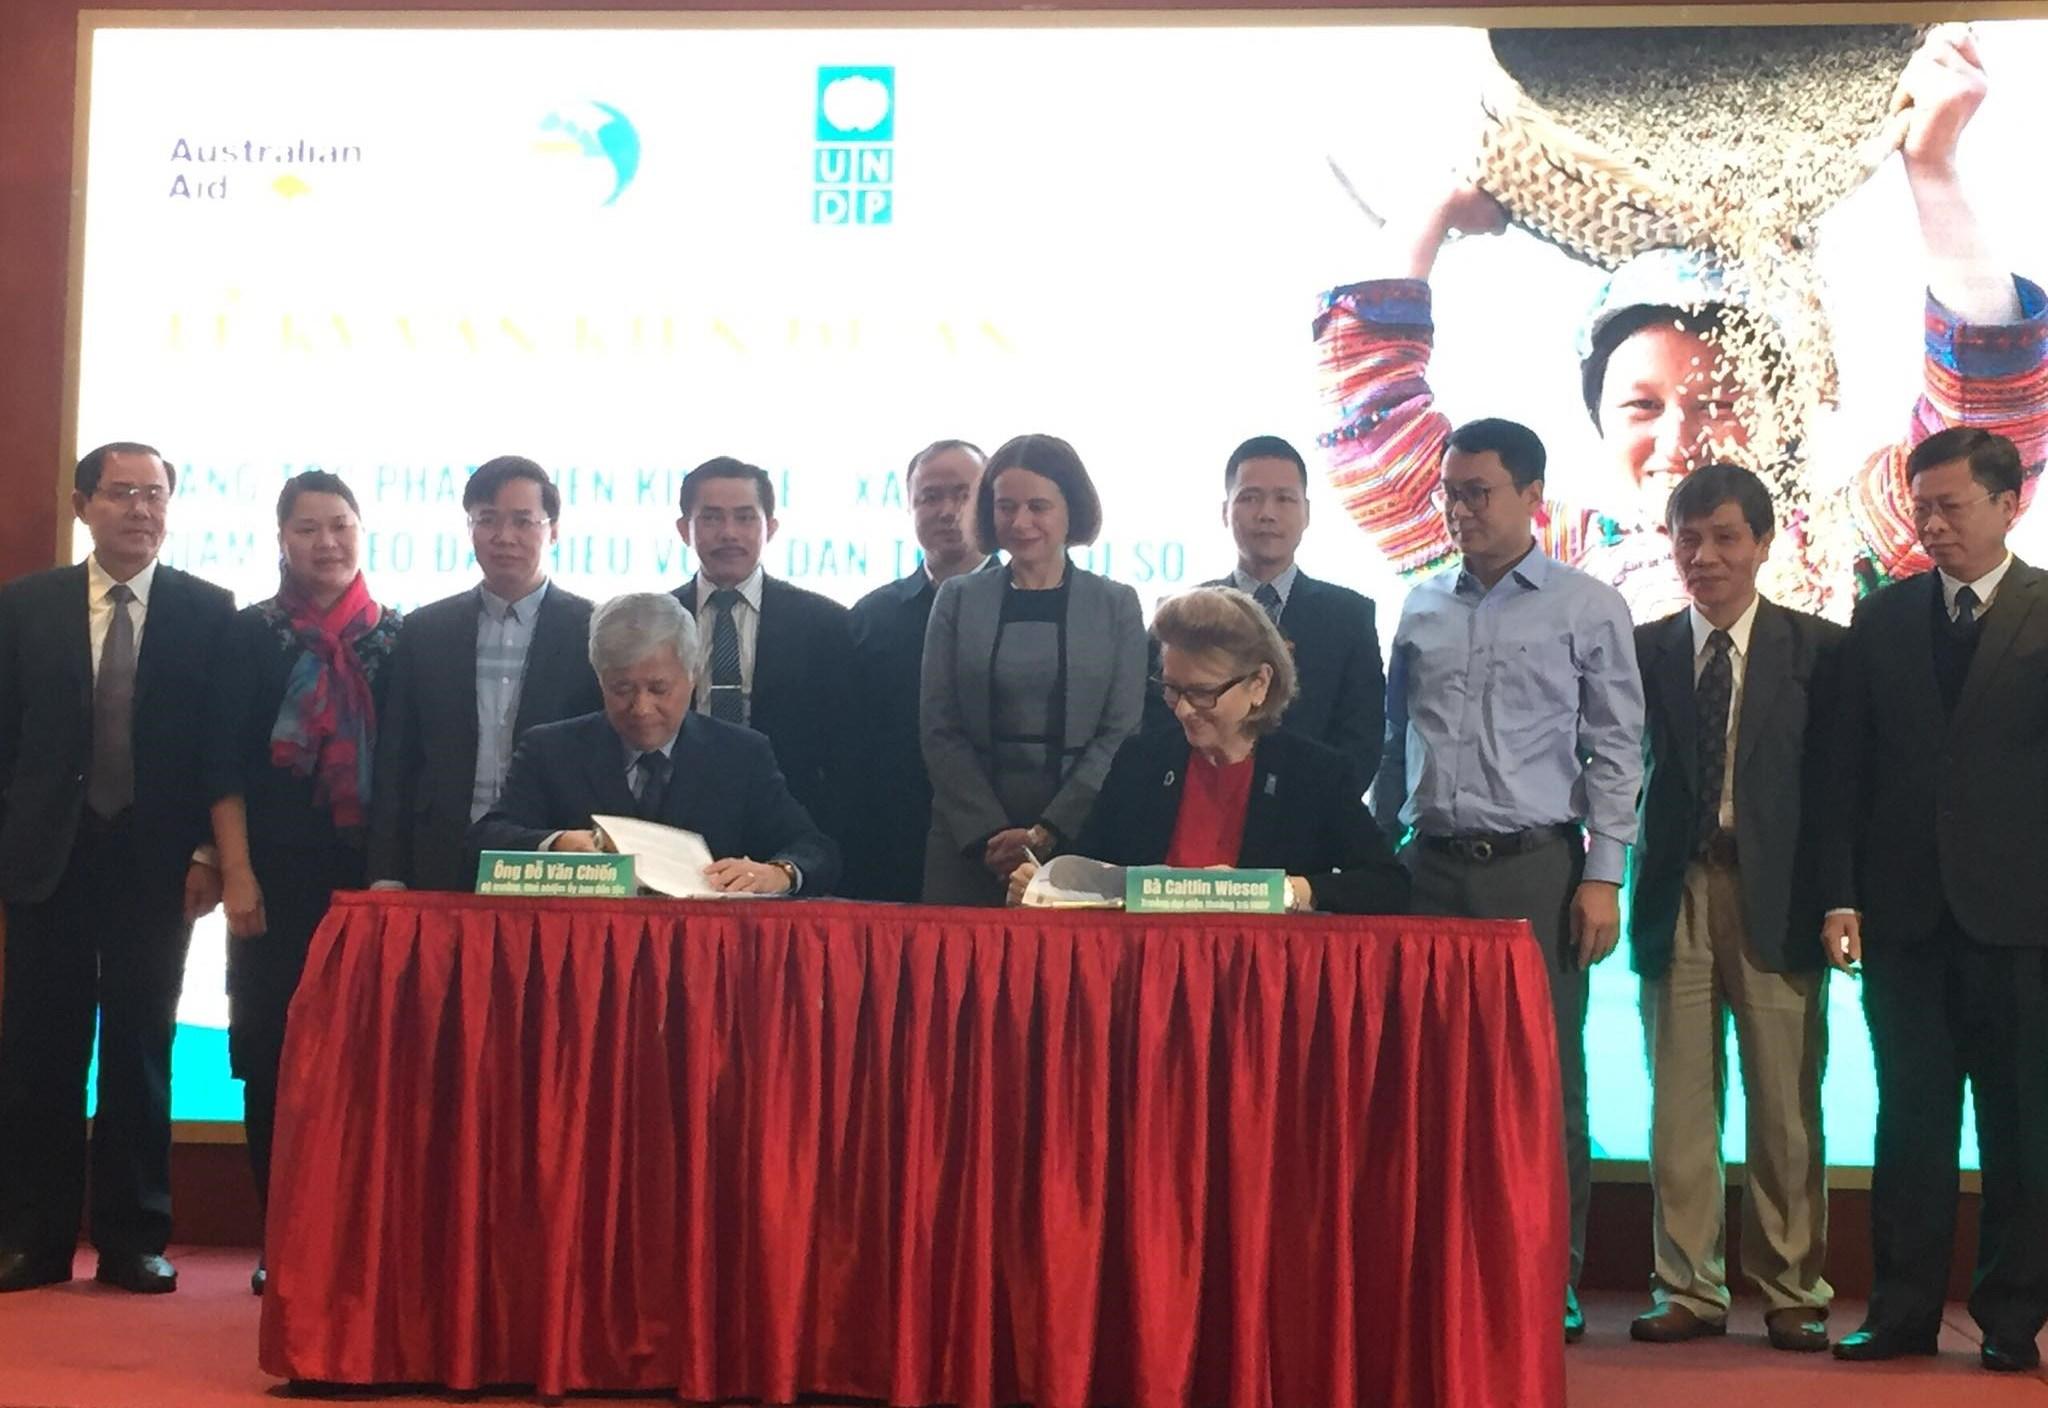 Ông Đỗ Văn Chiến, Bộ trưởng, Chủ nhiệm UBDT và bà Caitlin Wiesen, Giám đốc quốc gia UNDP tại Việt Nam ký kết Văn kiện Dự án